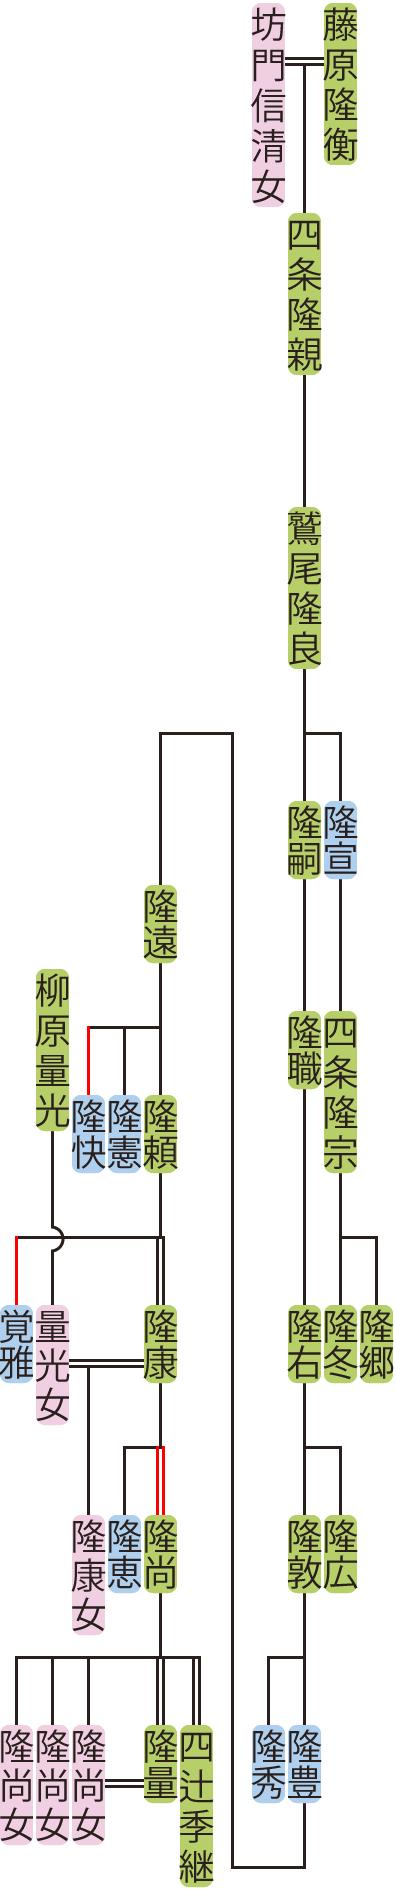 鷲尾隆良~隆康の系図